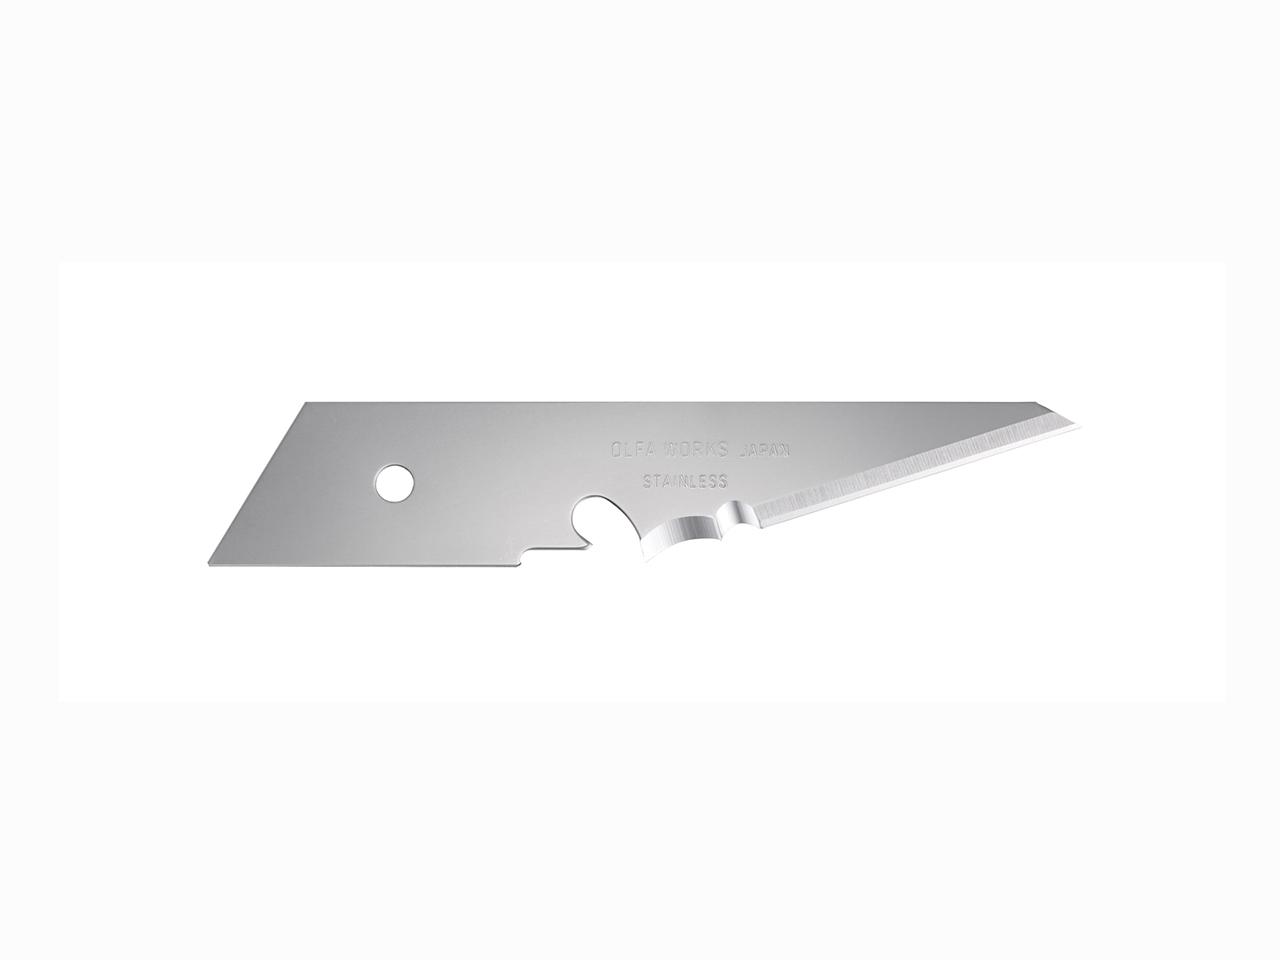 ブッシュクラフトナイフ替刃 BK1